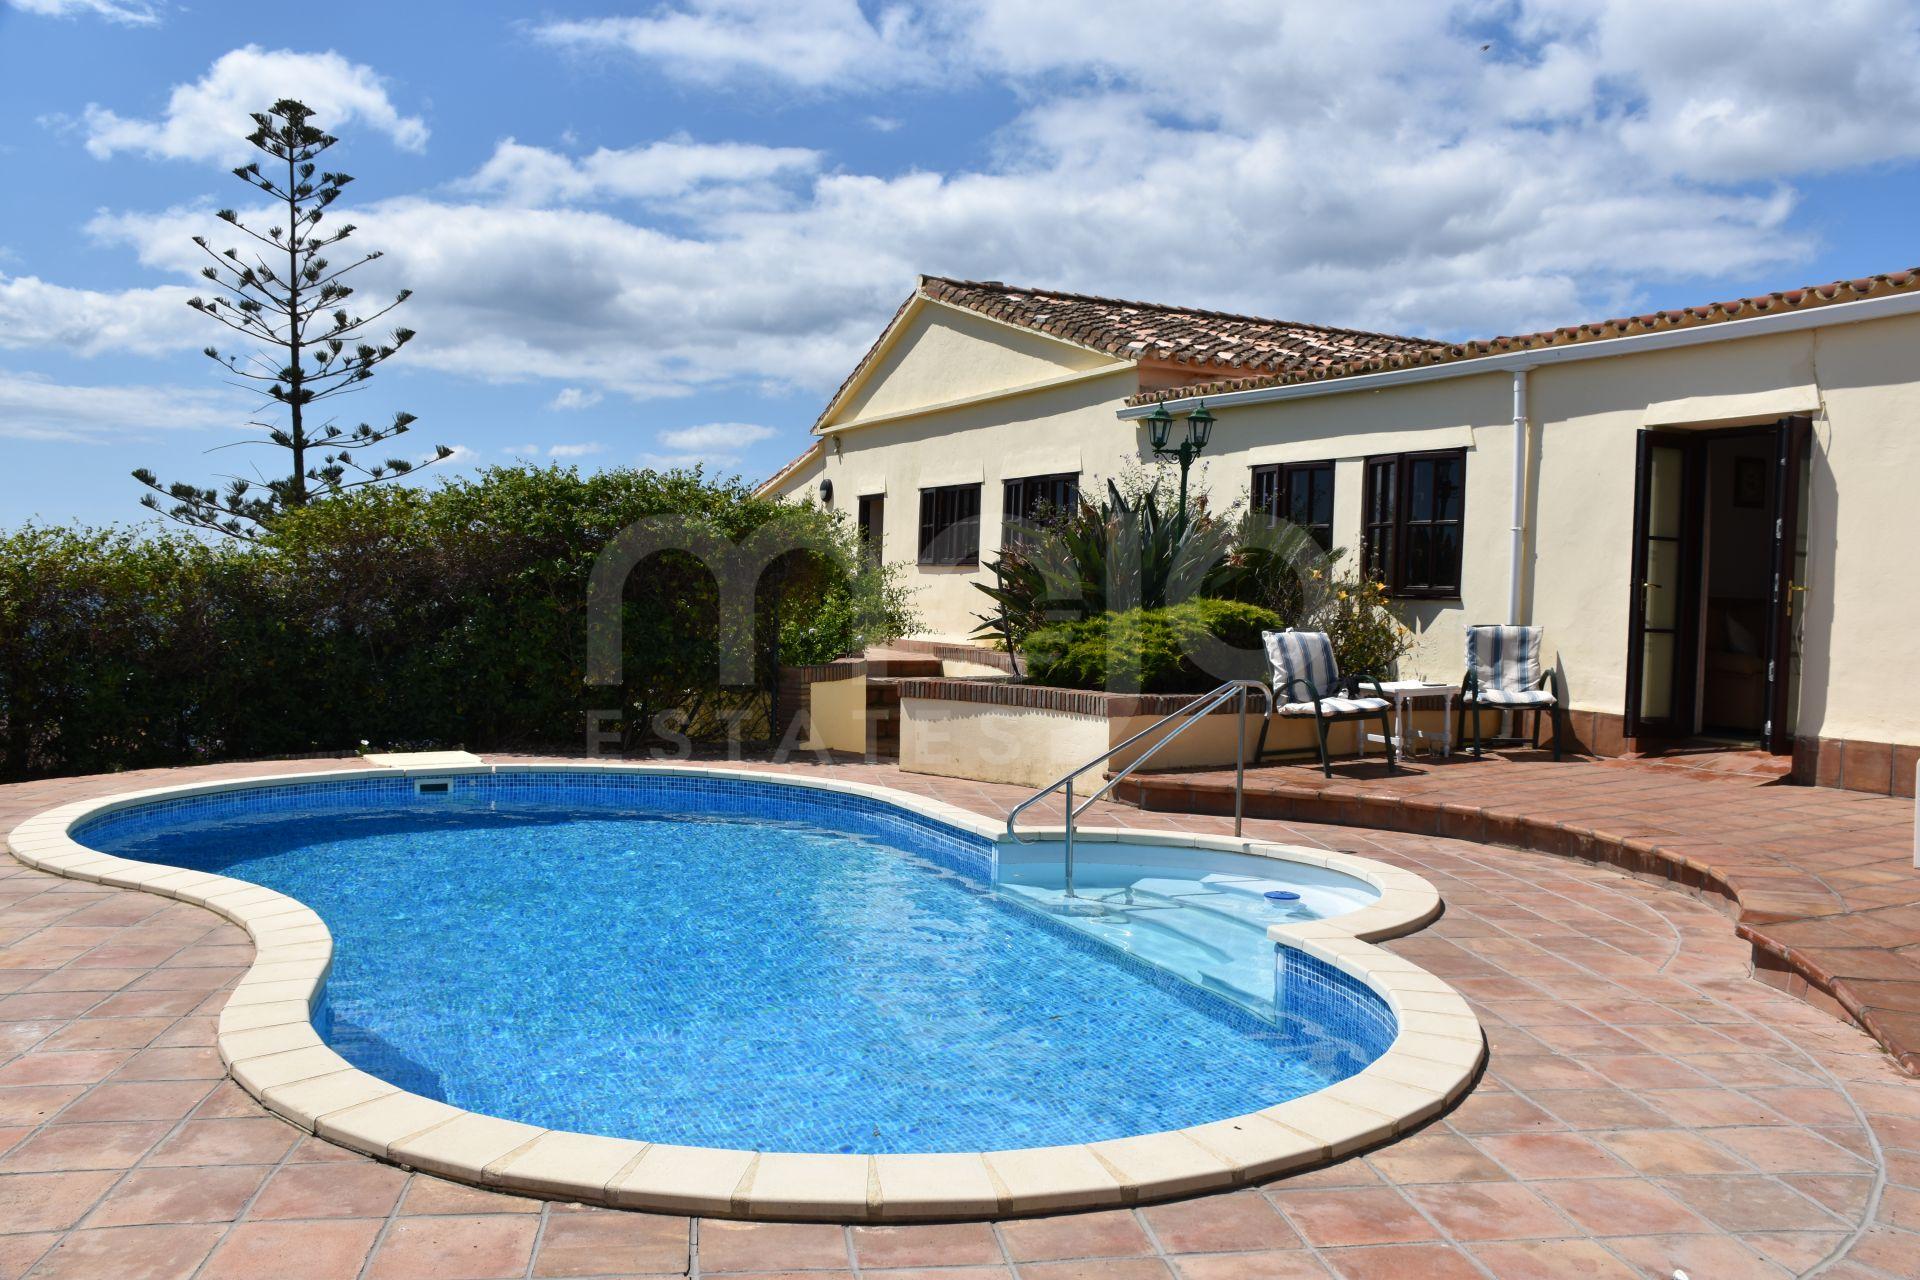 4 Bedroom Villa, located in Las Colinas, Torreguadiaro